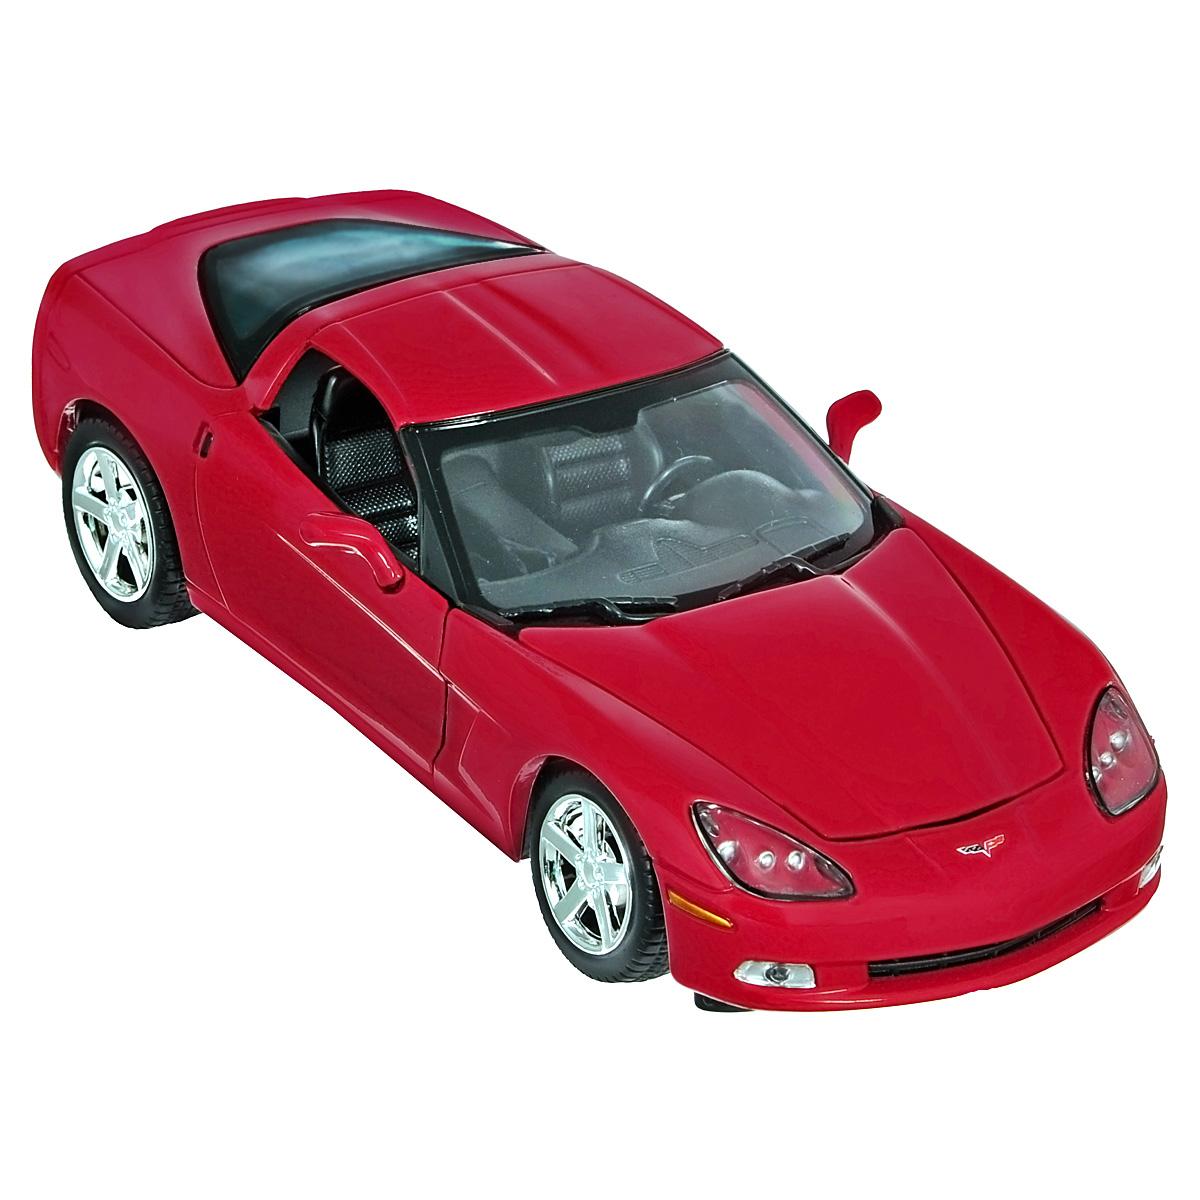 Коллекционная модель MotorMax 2005 Corvette C6, цвет: красный. Масштаб 1/24red/ast73270Коллекционная модель MotorMax 2005 Corvette C6 станет хорошим подарком для любого ценителя автомобилей. Она имеет отличную детализацию и является уменьшенной копией настоящей машины. Этот двухместный спорткар действительно известен во всем мире. Chevrolet Corvette даже имеет свой собственный музей в американском городке Боулинг Грин. Несомненное достоинство модели - открывающиеся двери и капот и подробная отделка даже внутренних частей авто, включая мотор. Кроме того, корпус, отлитый из металла по технологии Die Cast, обеспечивает долгий срок службы модели, а пластиковые элементы позволяют добиться высокоточного соответствия настоящему авто. Приятный бонус - резиновые шины на колесах, которые вращаются.